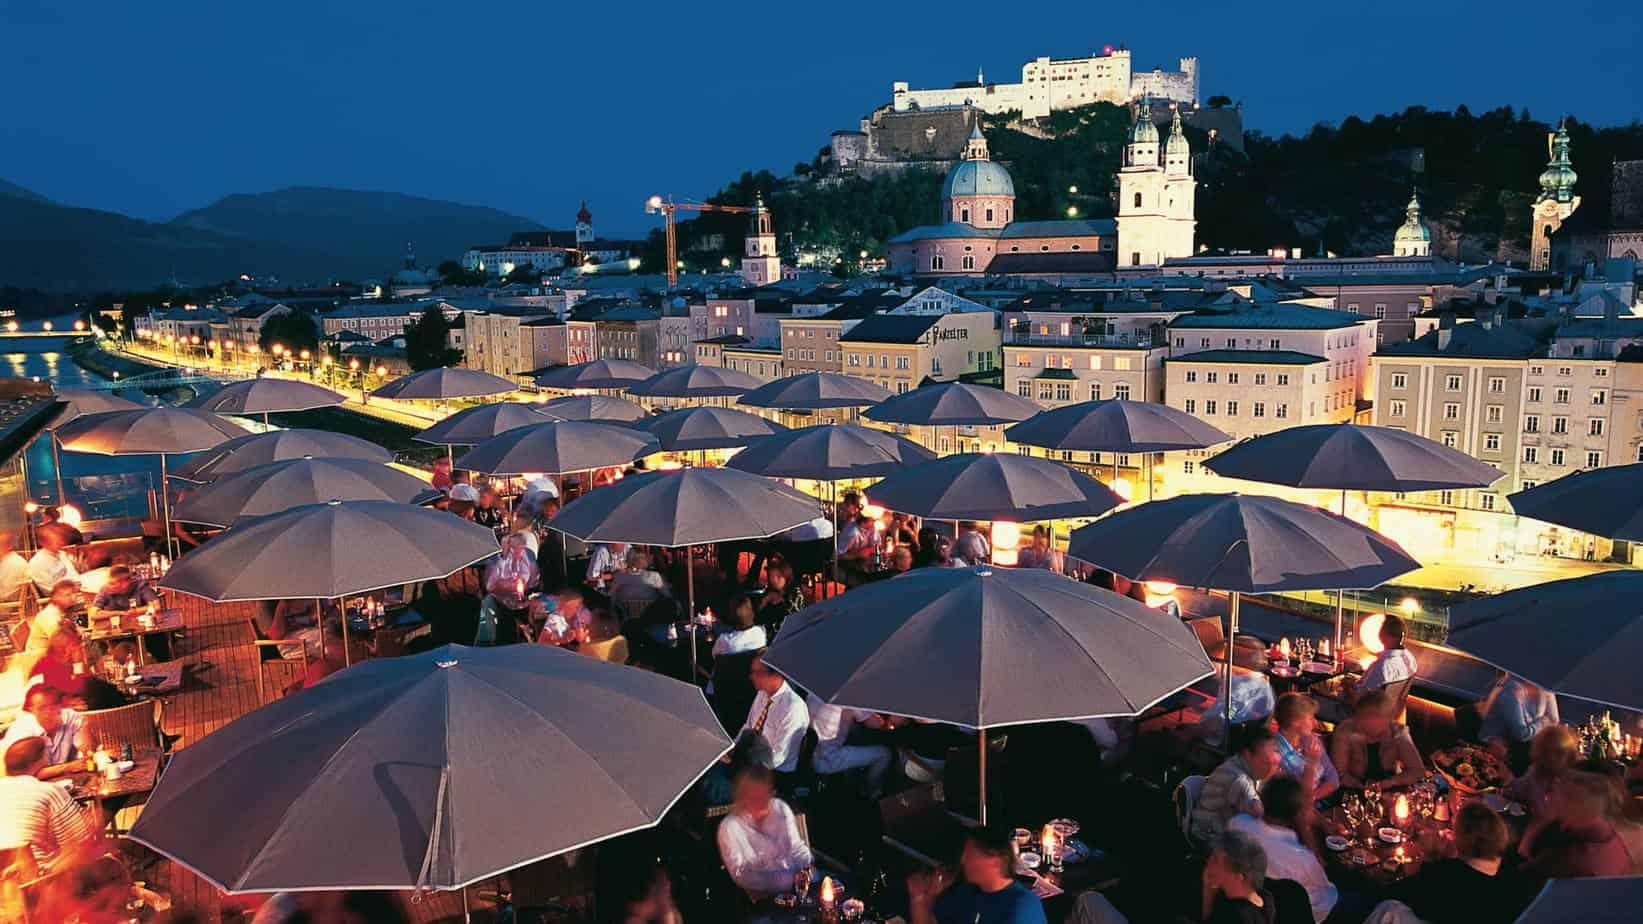 Salzburg mingel mat kväll